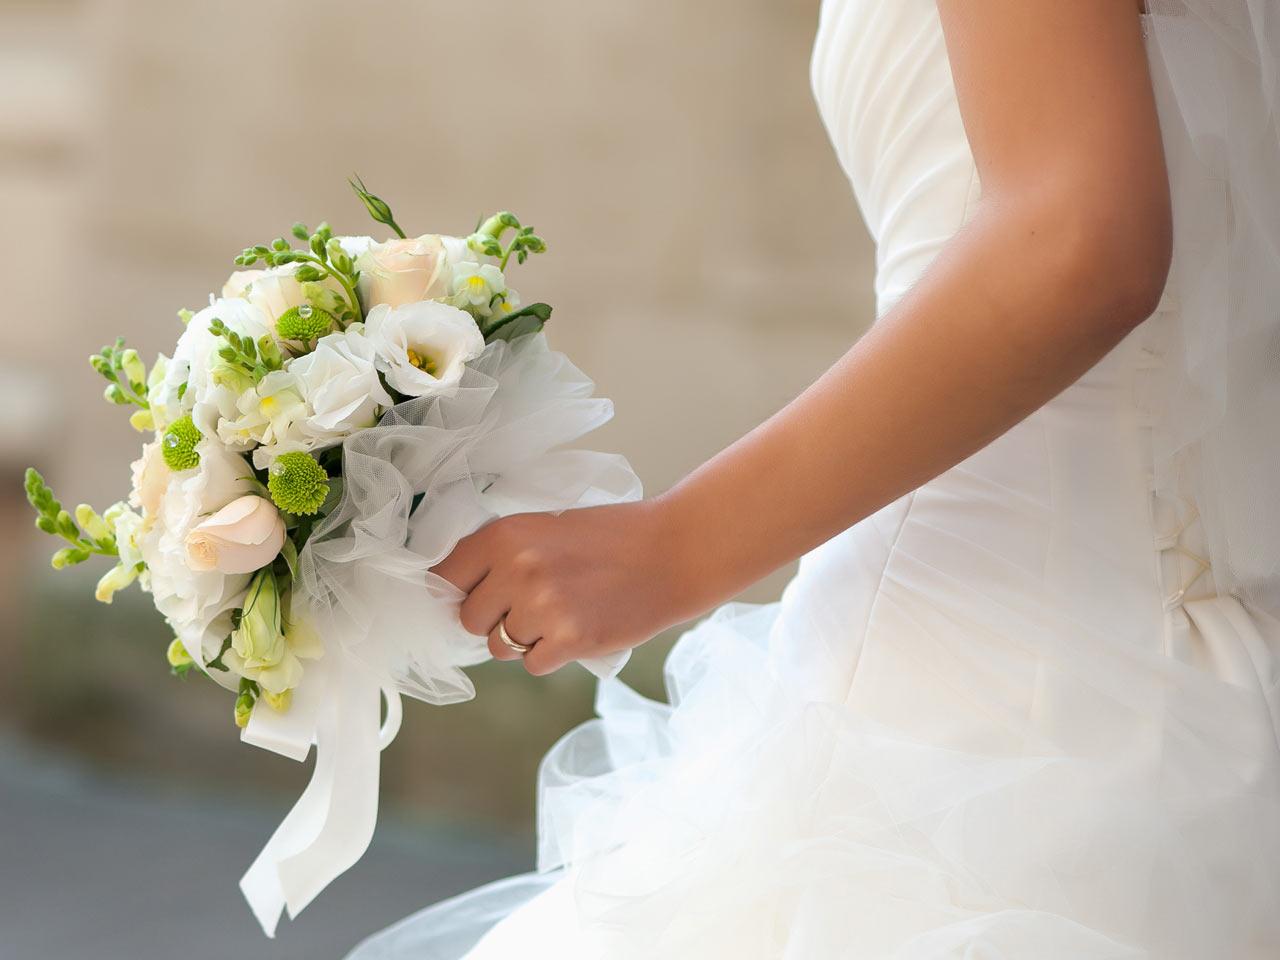 Significado del vestido de novia segun la biblia